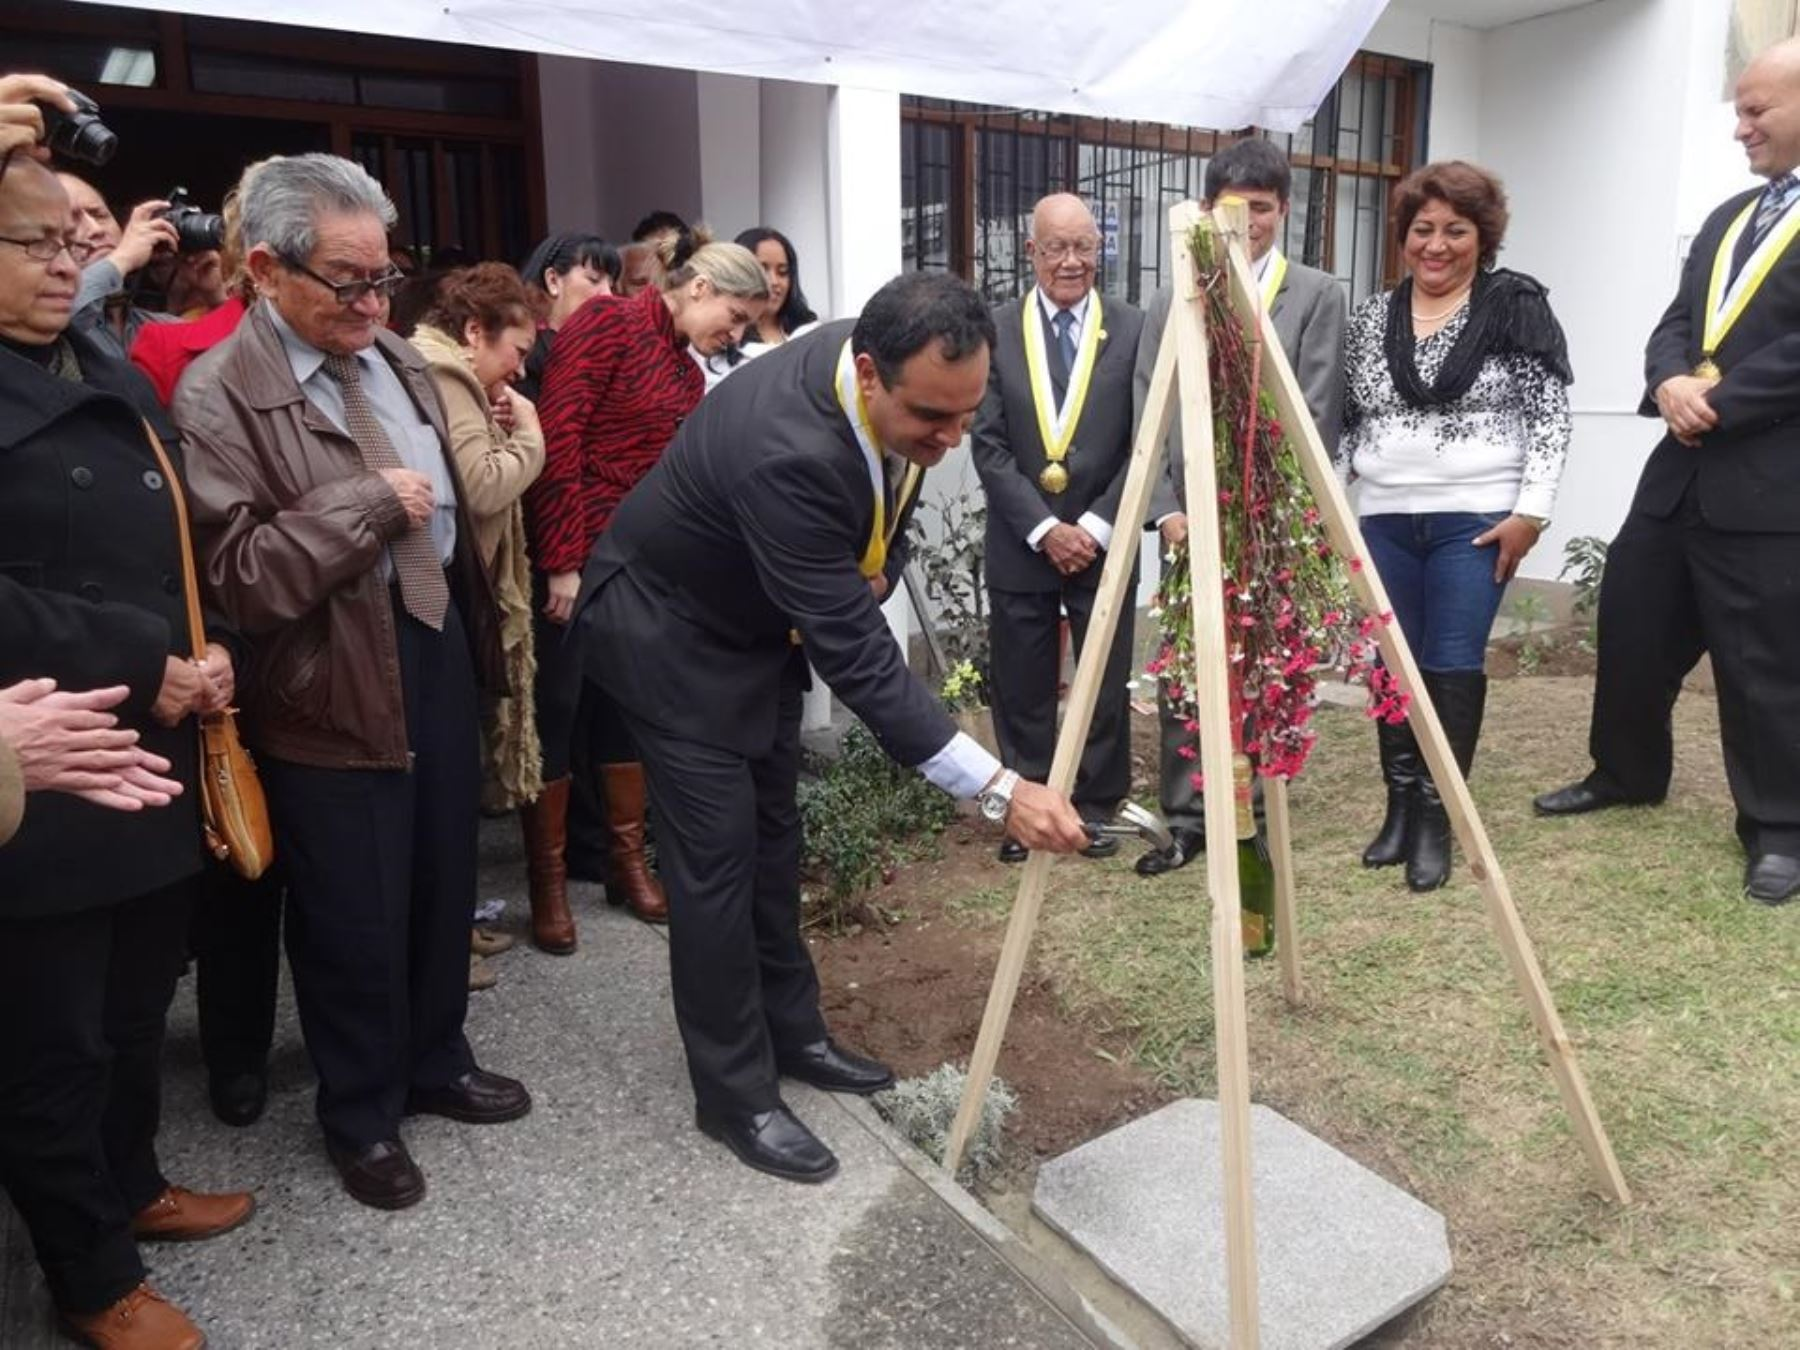 Alcalde de Pueblo Libre, Jhonel Leguía, anunció próxima construcción de Policlínico Municipal y servicio de ambulancia las 24 horas.